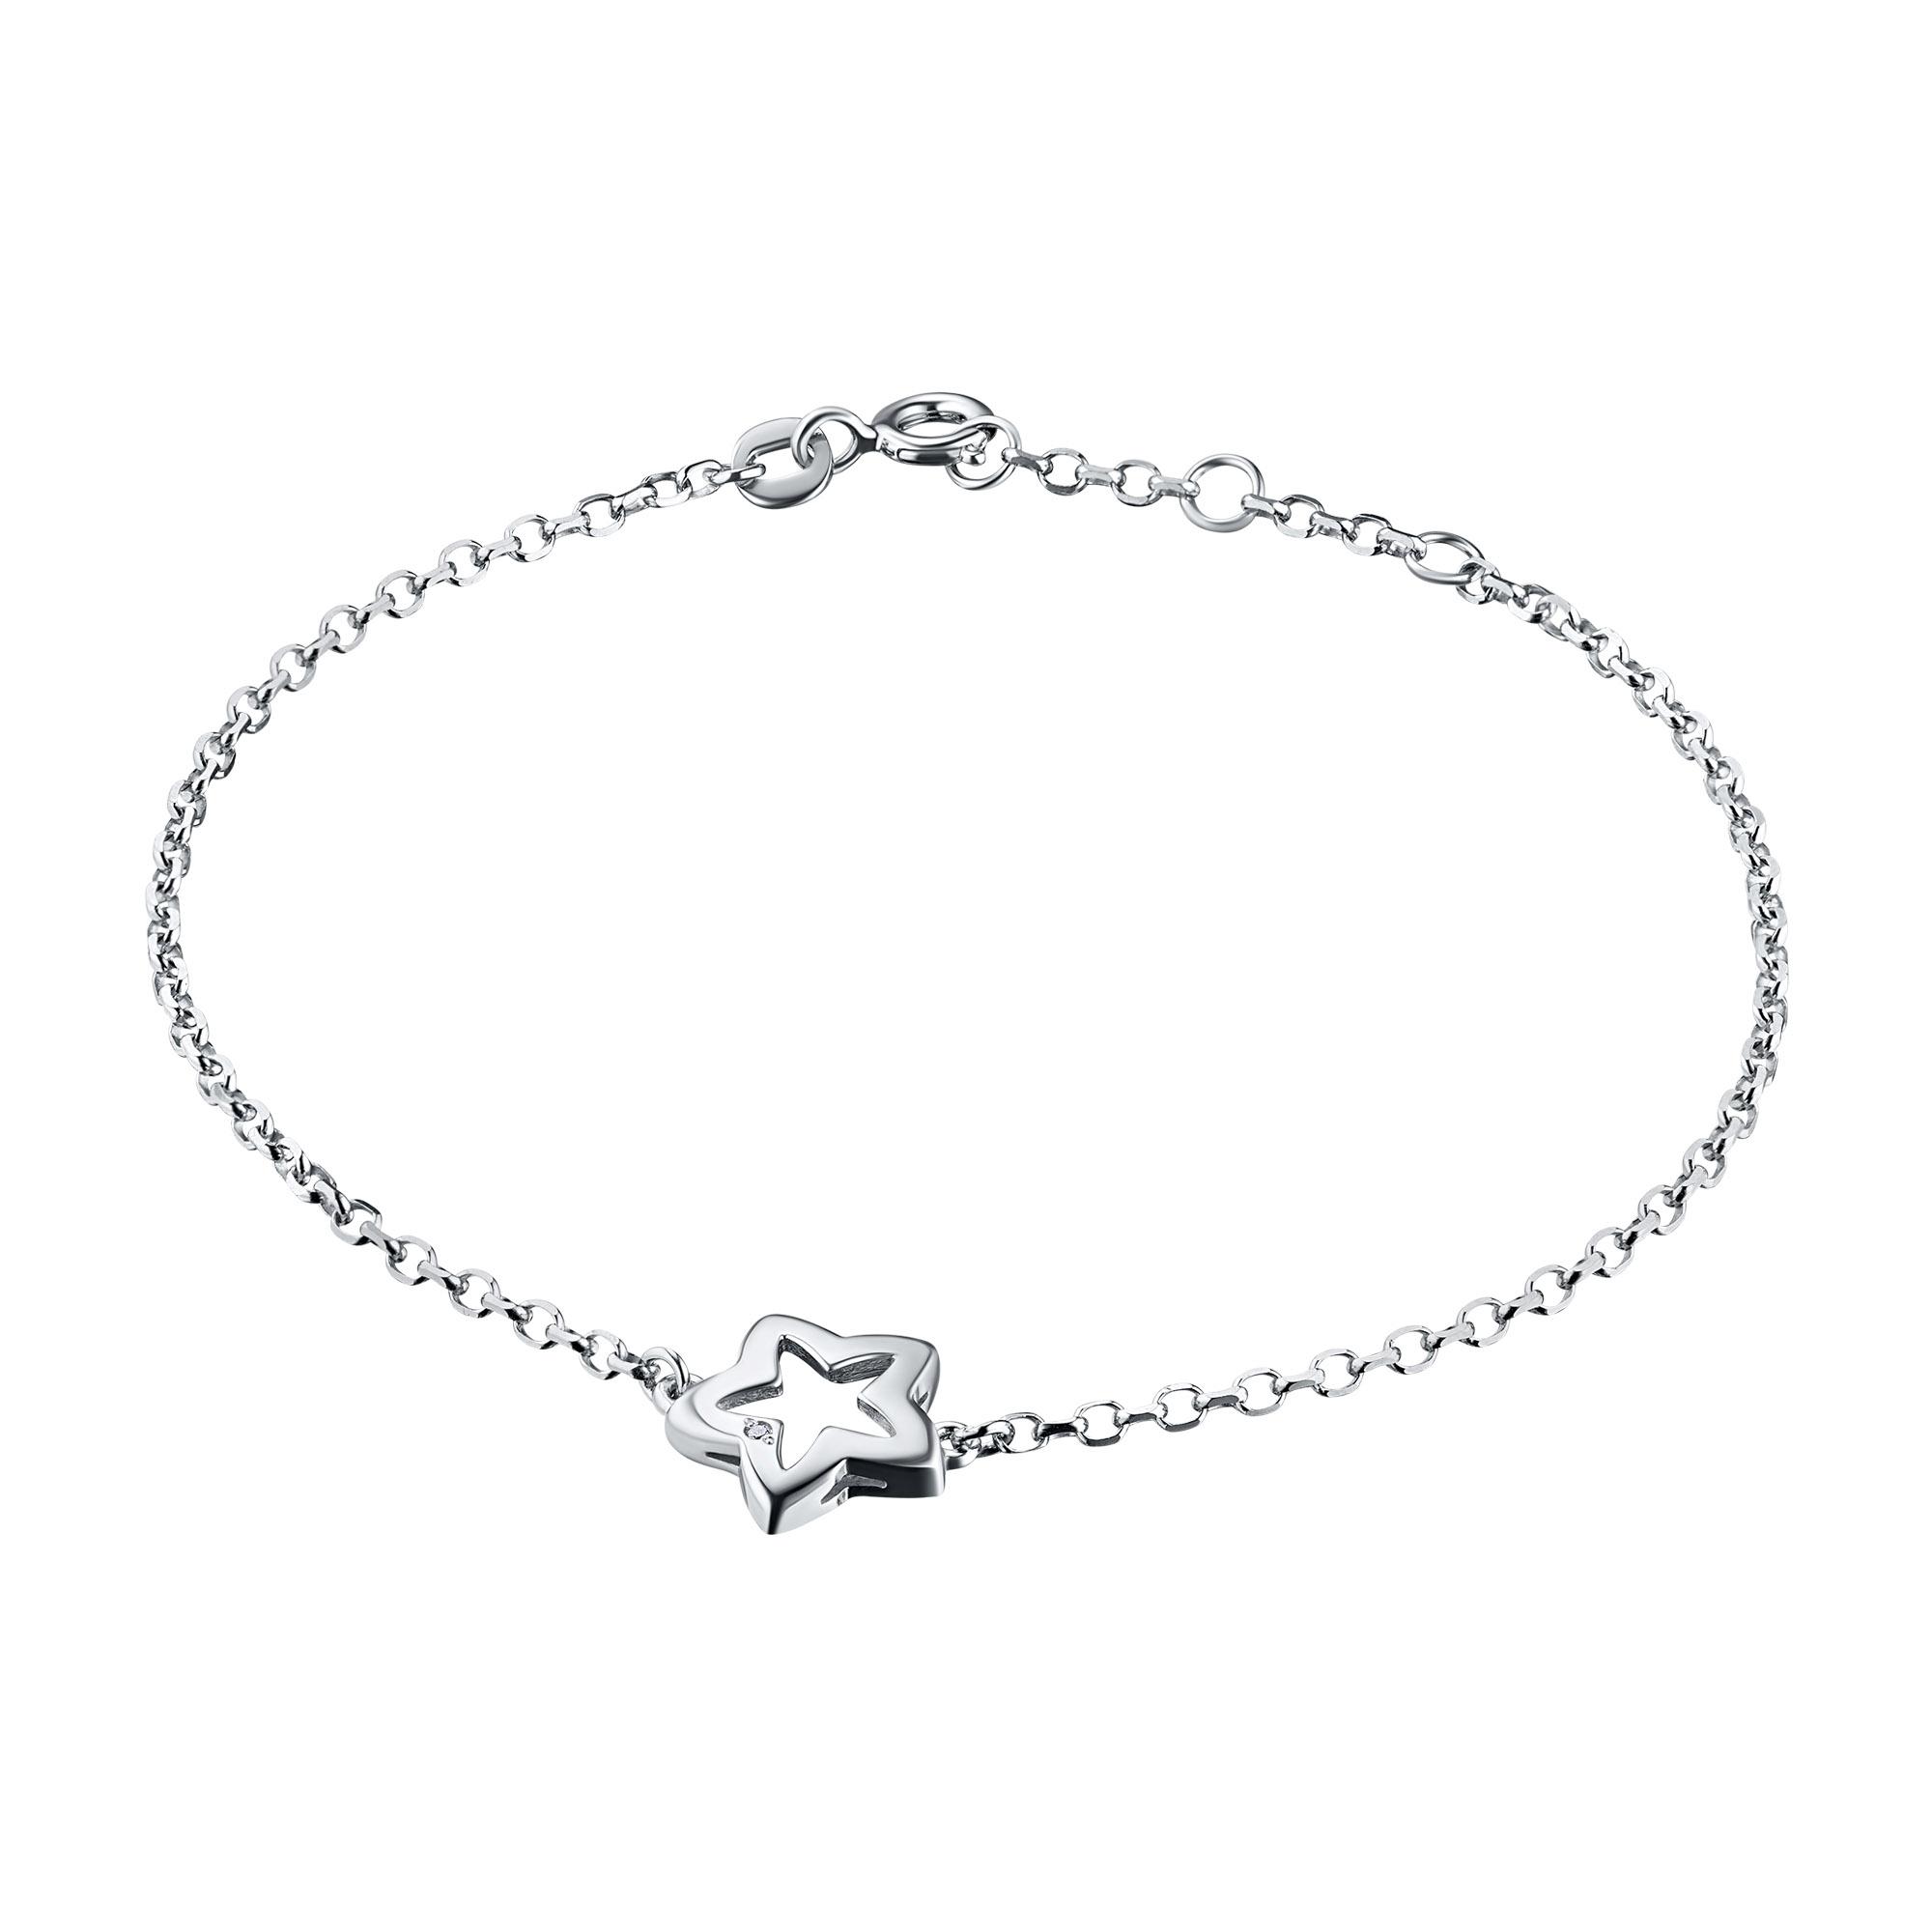 Браслет из серебра с бриллиантом э06бр101805